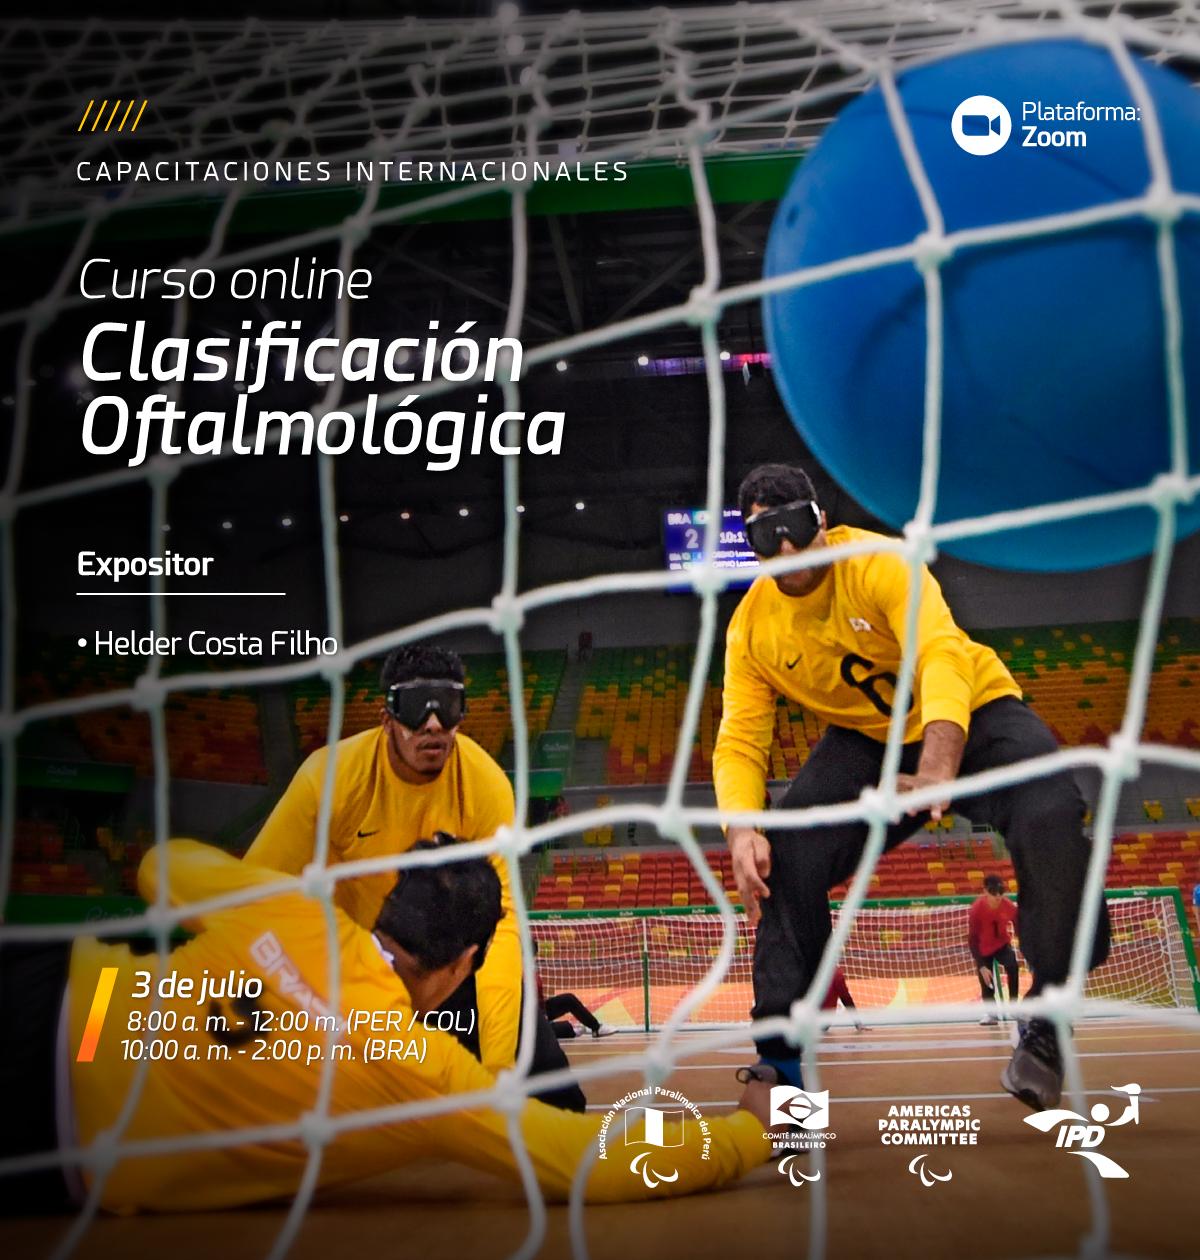 Imagem do cartaz do curso com a foto tirada atras do gol de uma partida de goalball com três atltetas vendados atuando.